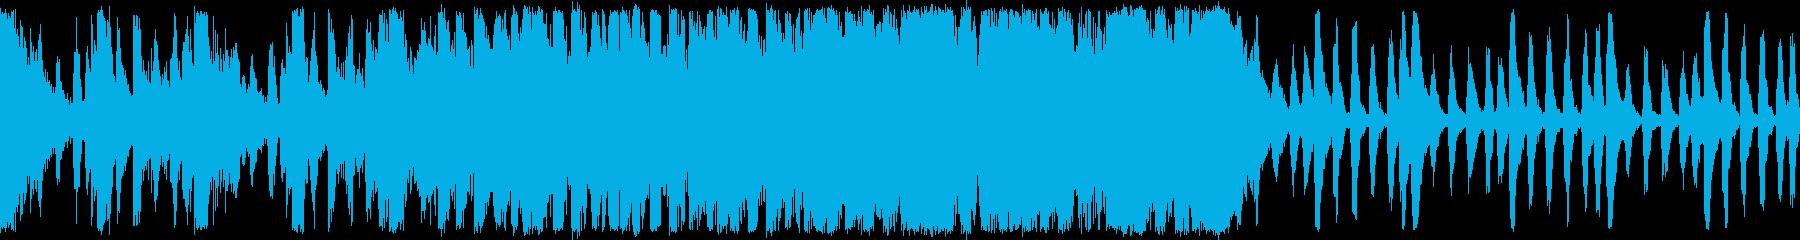 戦国の壮絶バトル和風オーケストラ ループの再生済みの波形